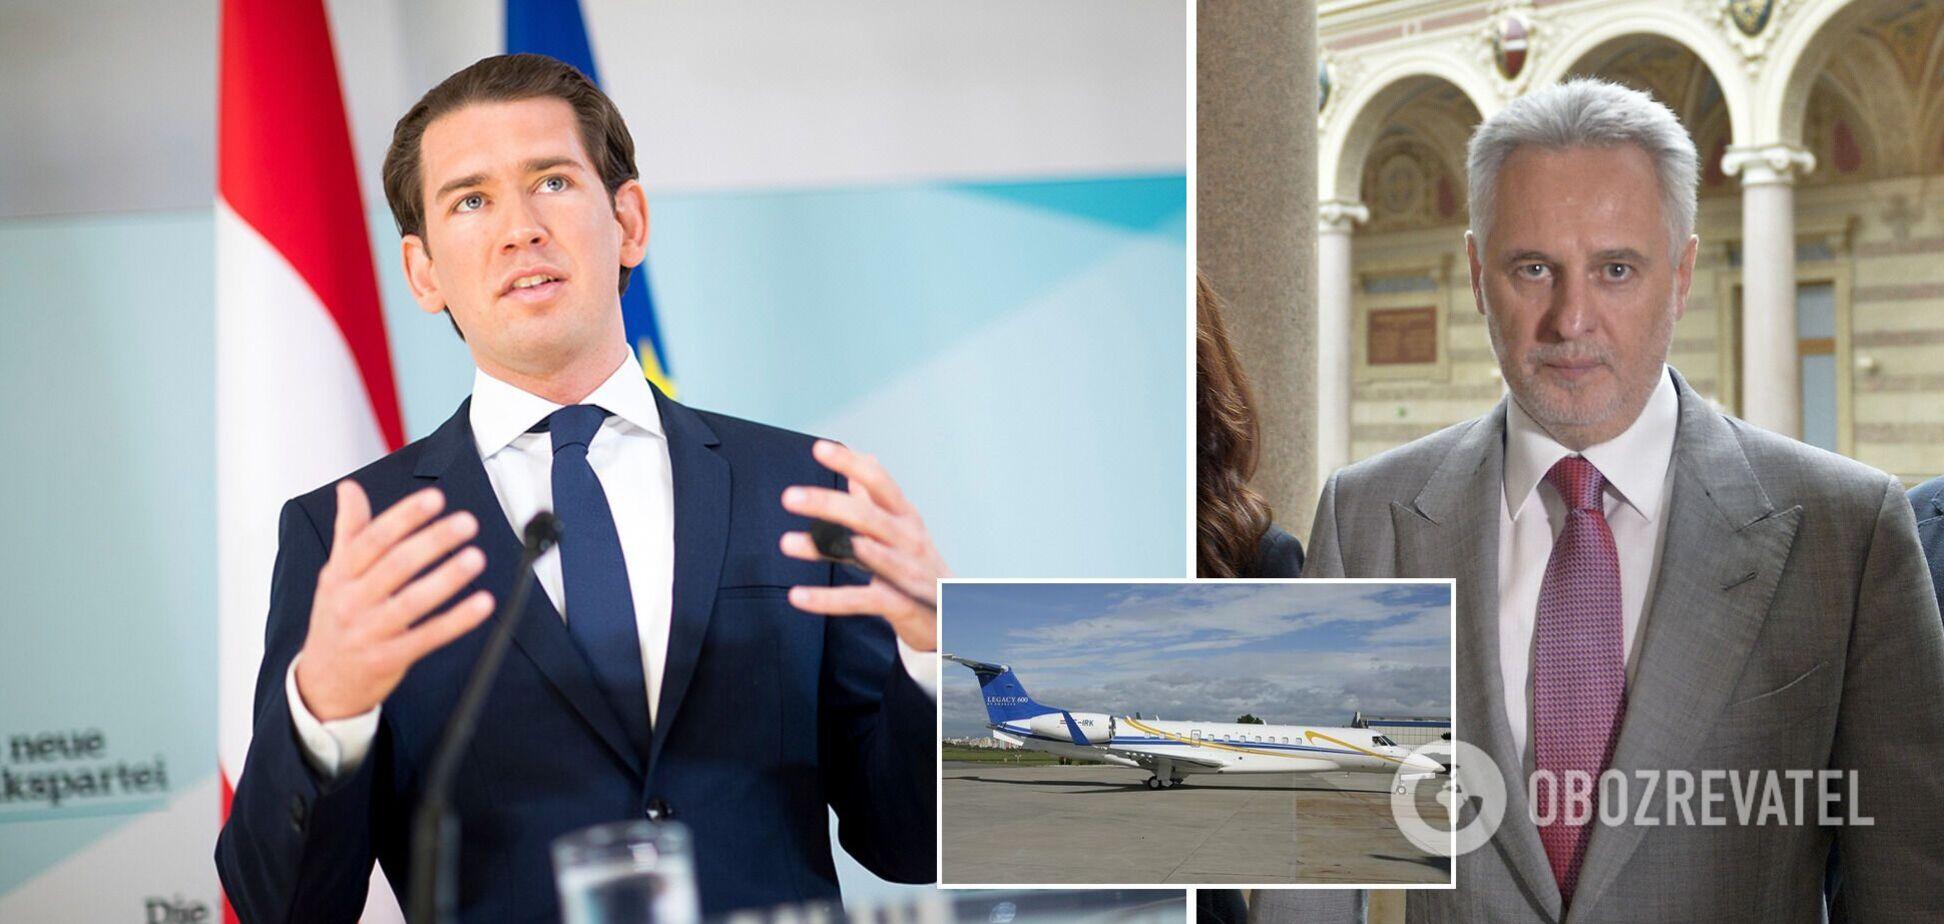 Канцлер Австрії скористався приватним літаком Фірташа – ЗМІ